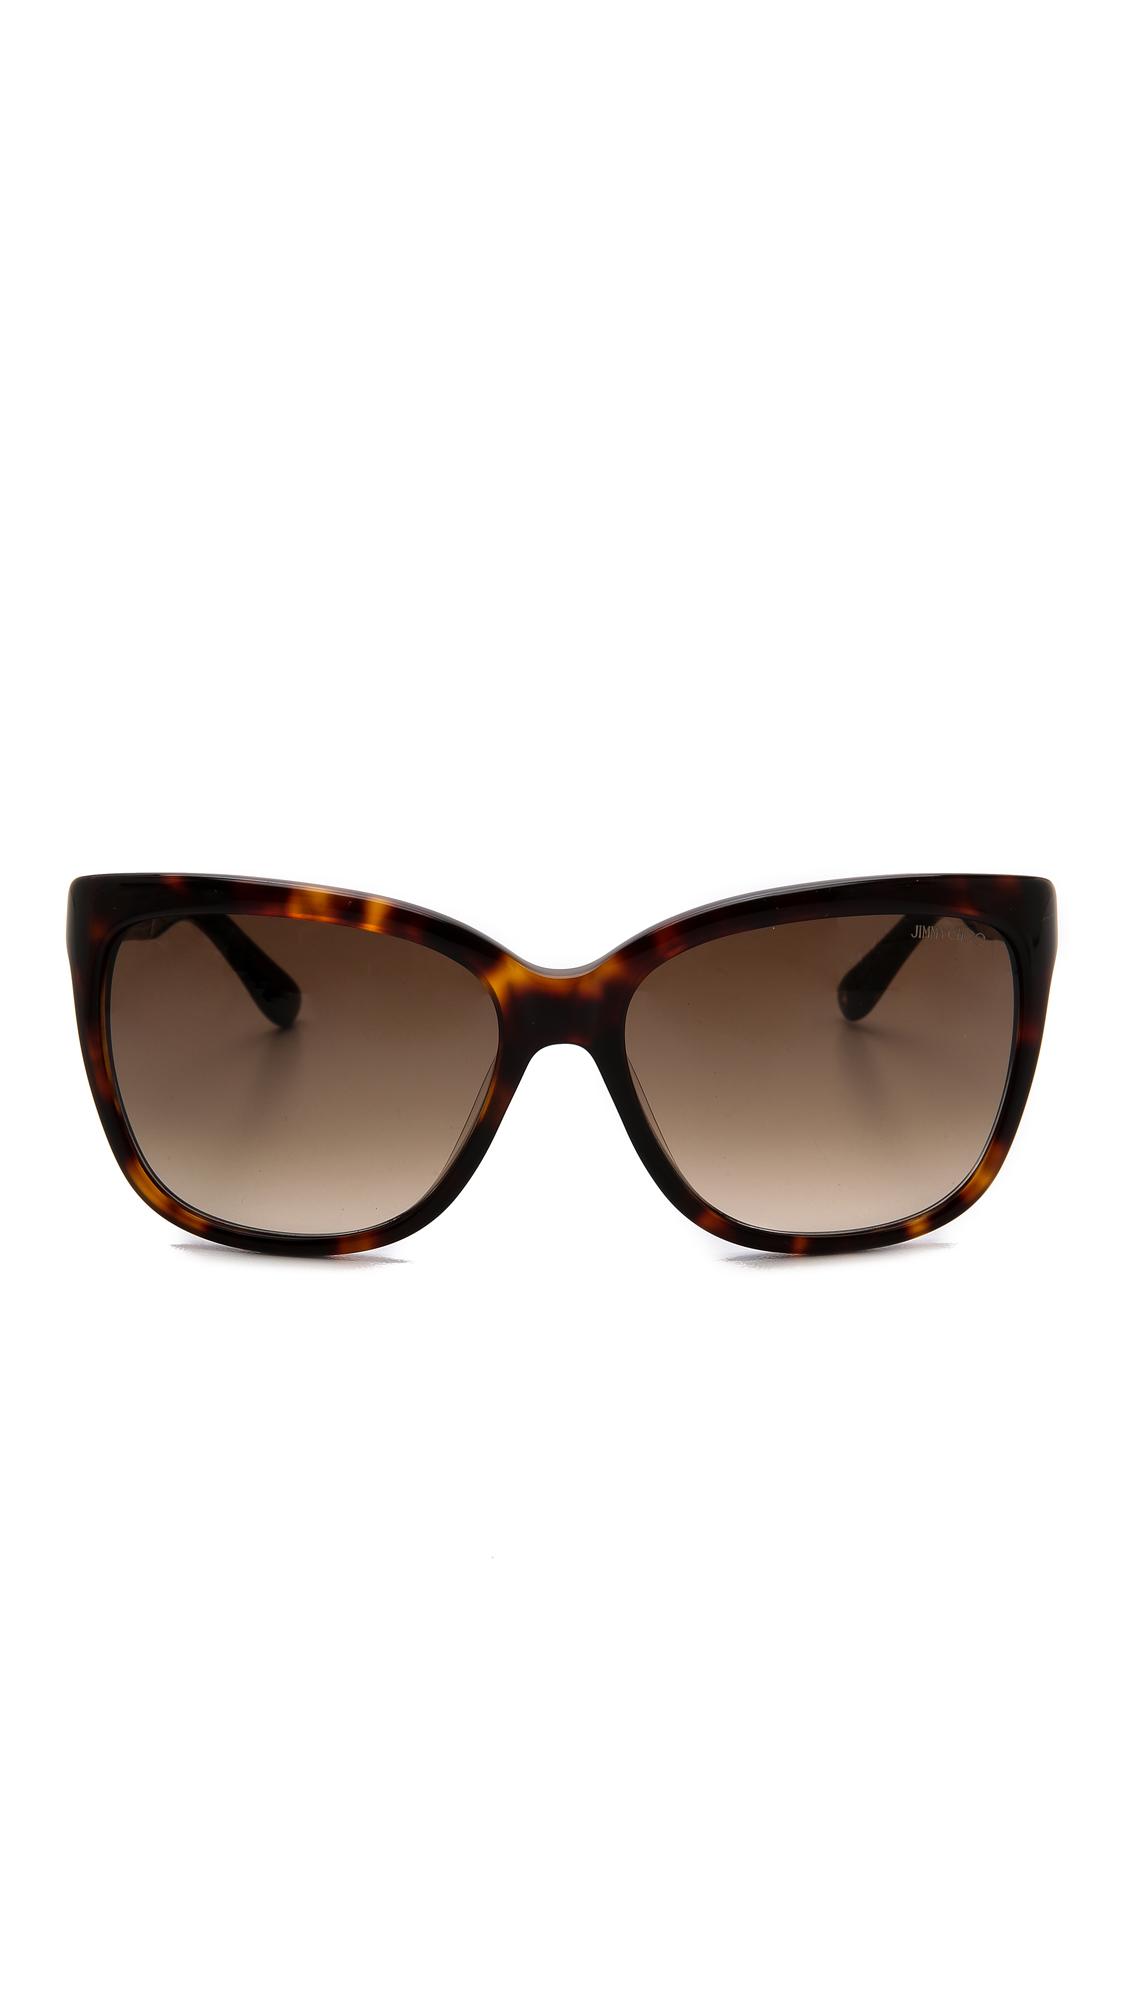 66d5e3999ad Jimmy Choo Cora Sunglasses